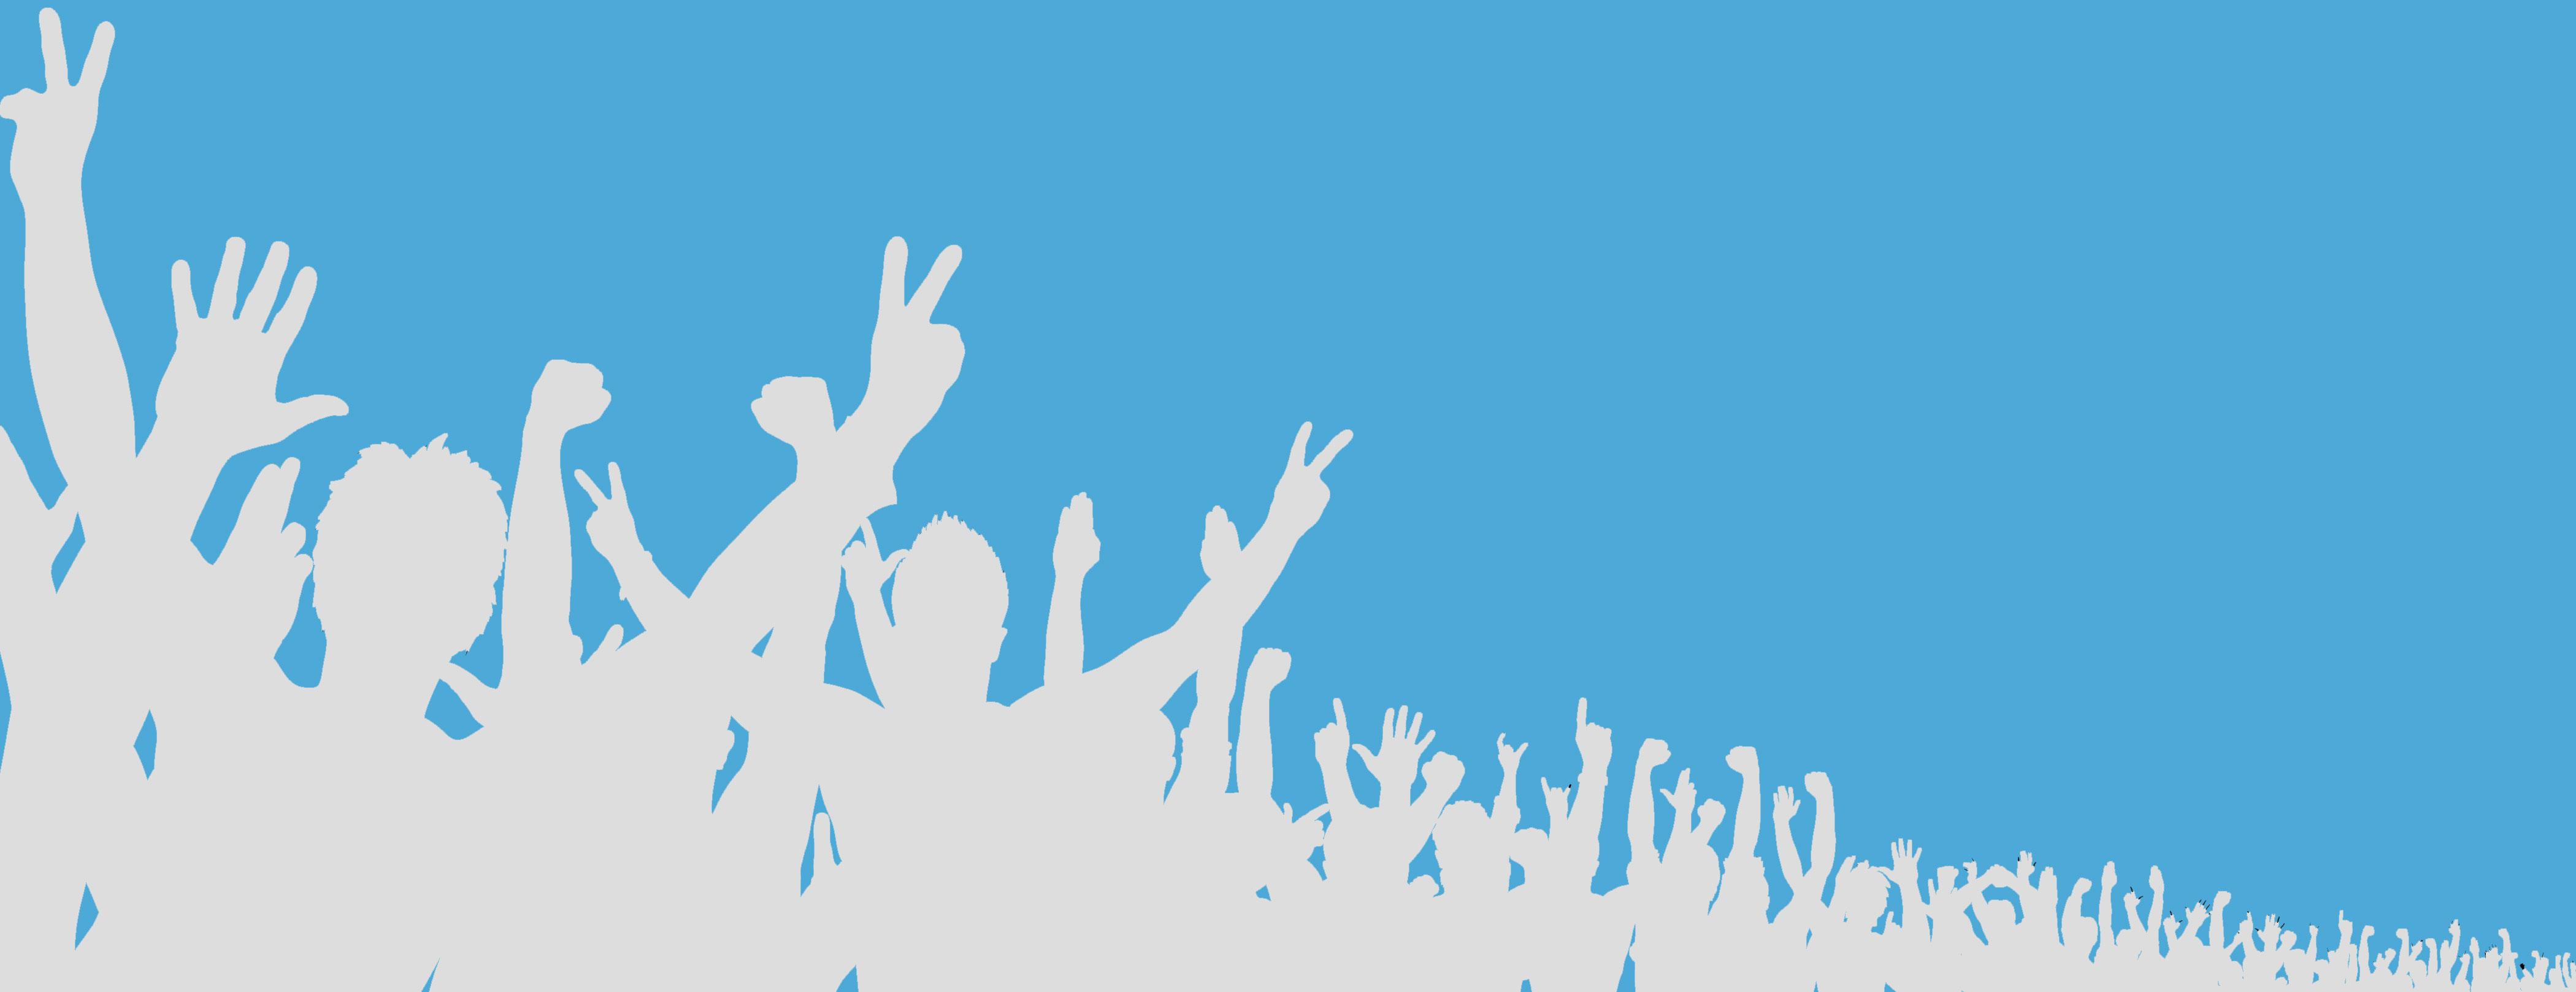 brand-keys-slider-fans-cheering1